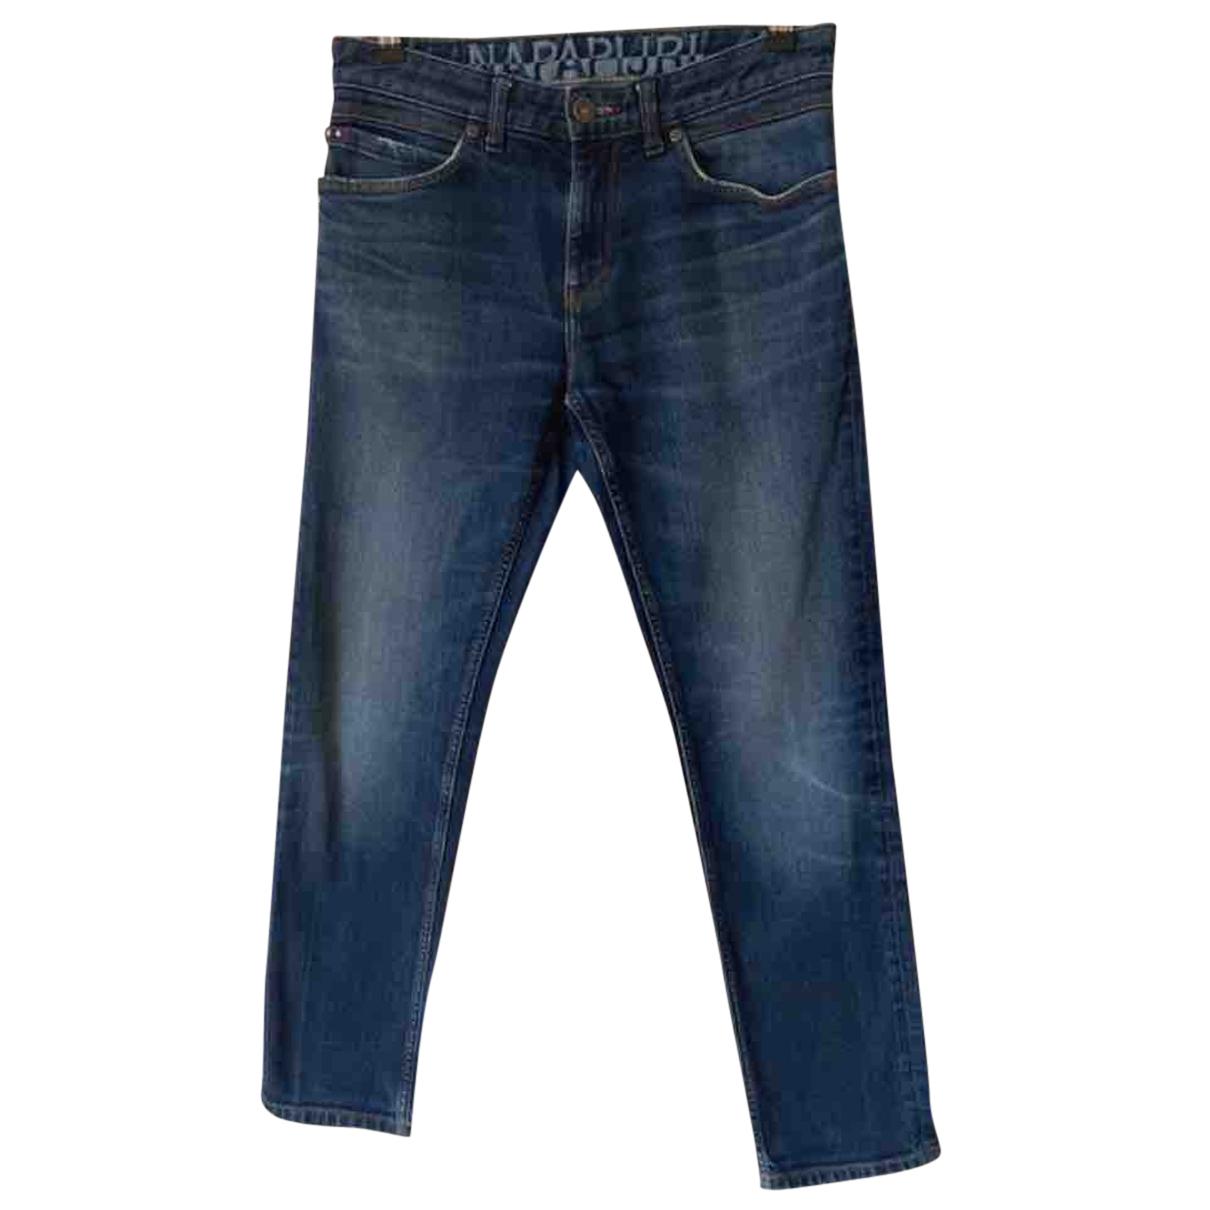 Napapijri - Jean   pour homme en coton - bleu